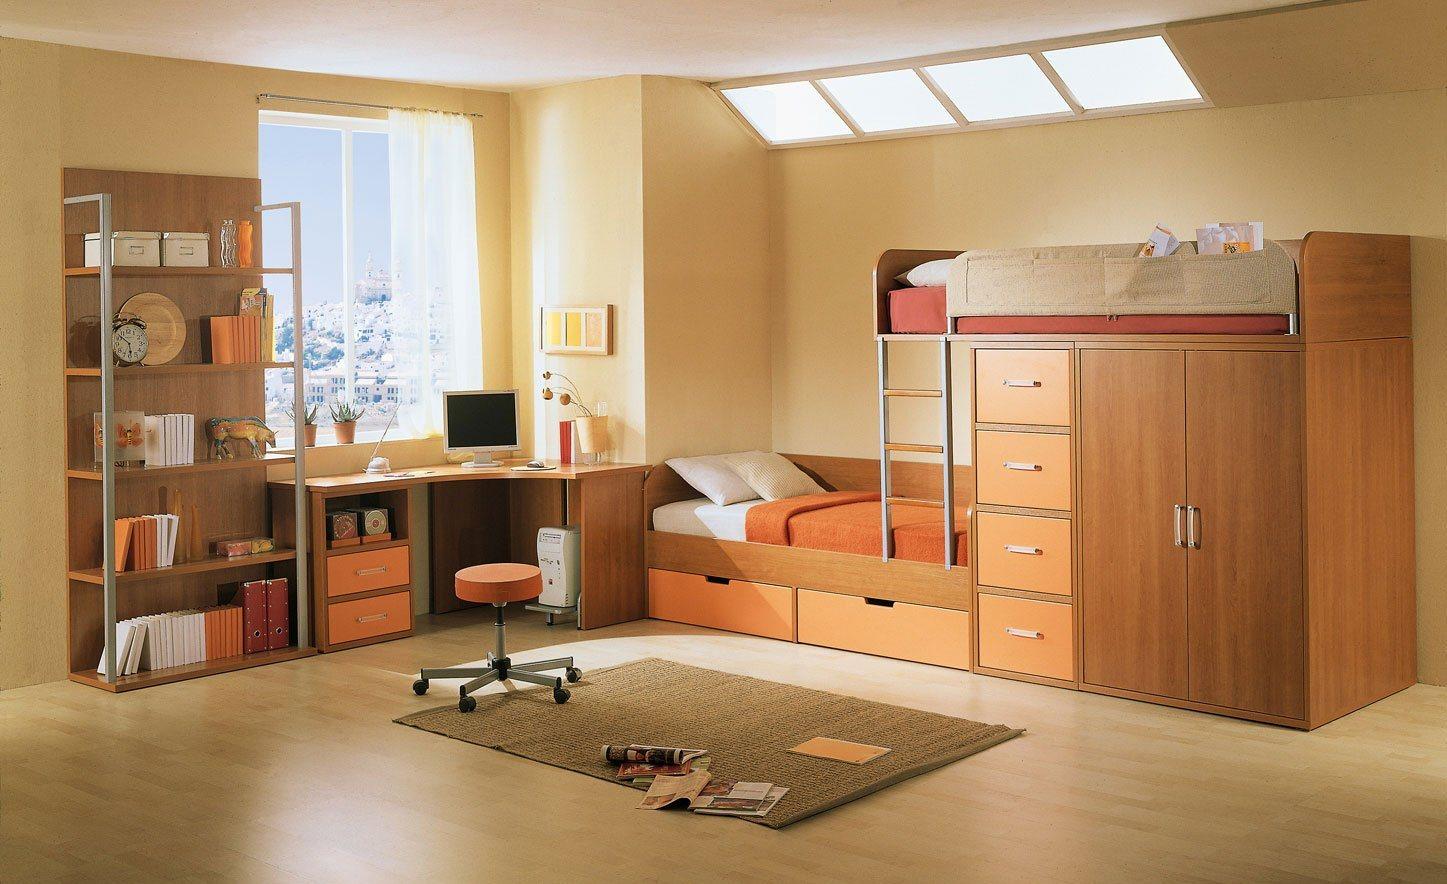 Quartos infantis feng shui decora o da casa - Space saving ideas for small childrens bedrooms minimalist ...